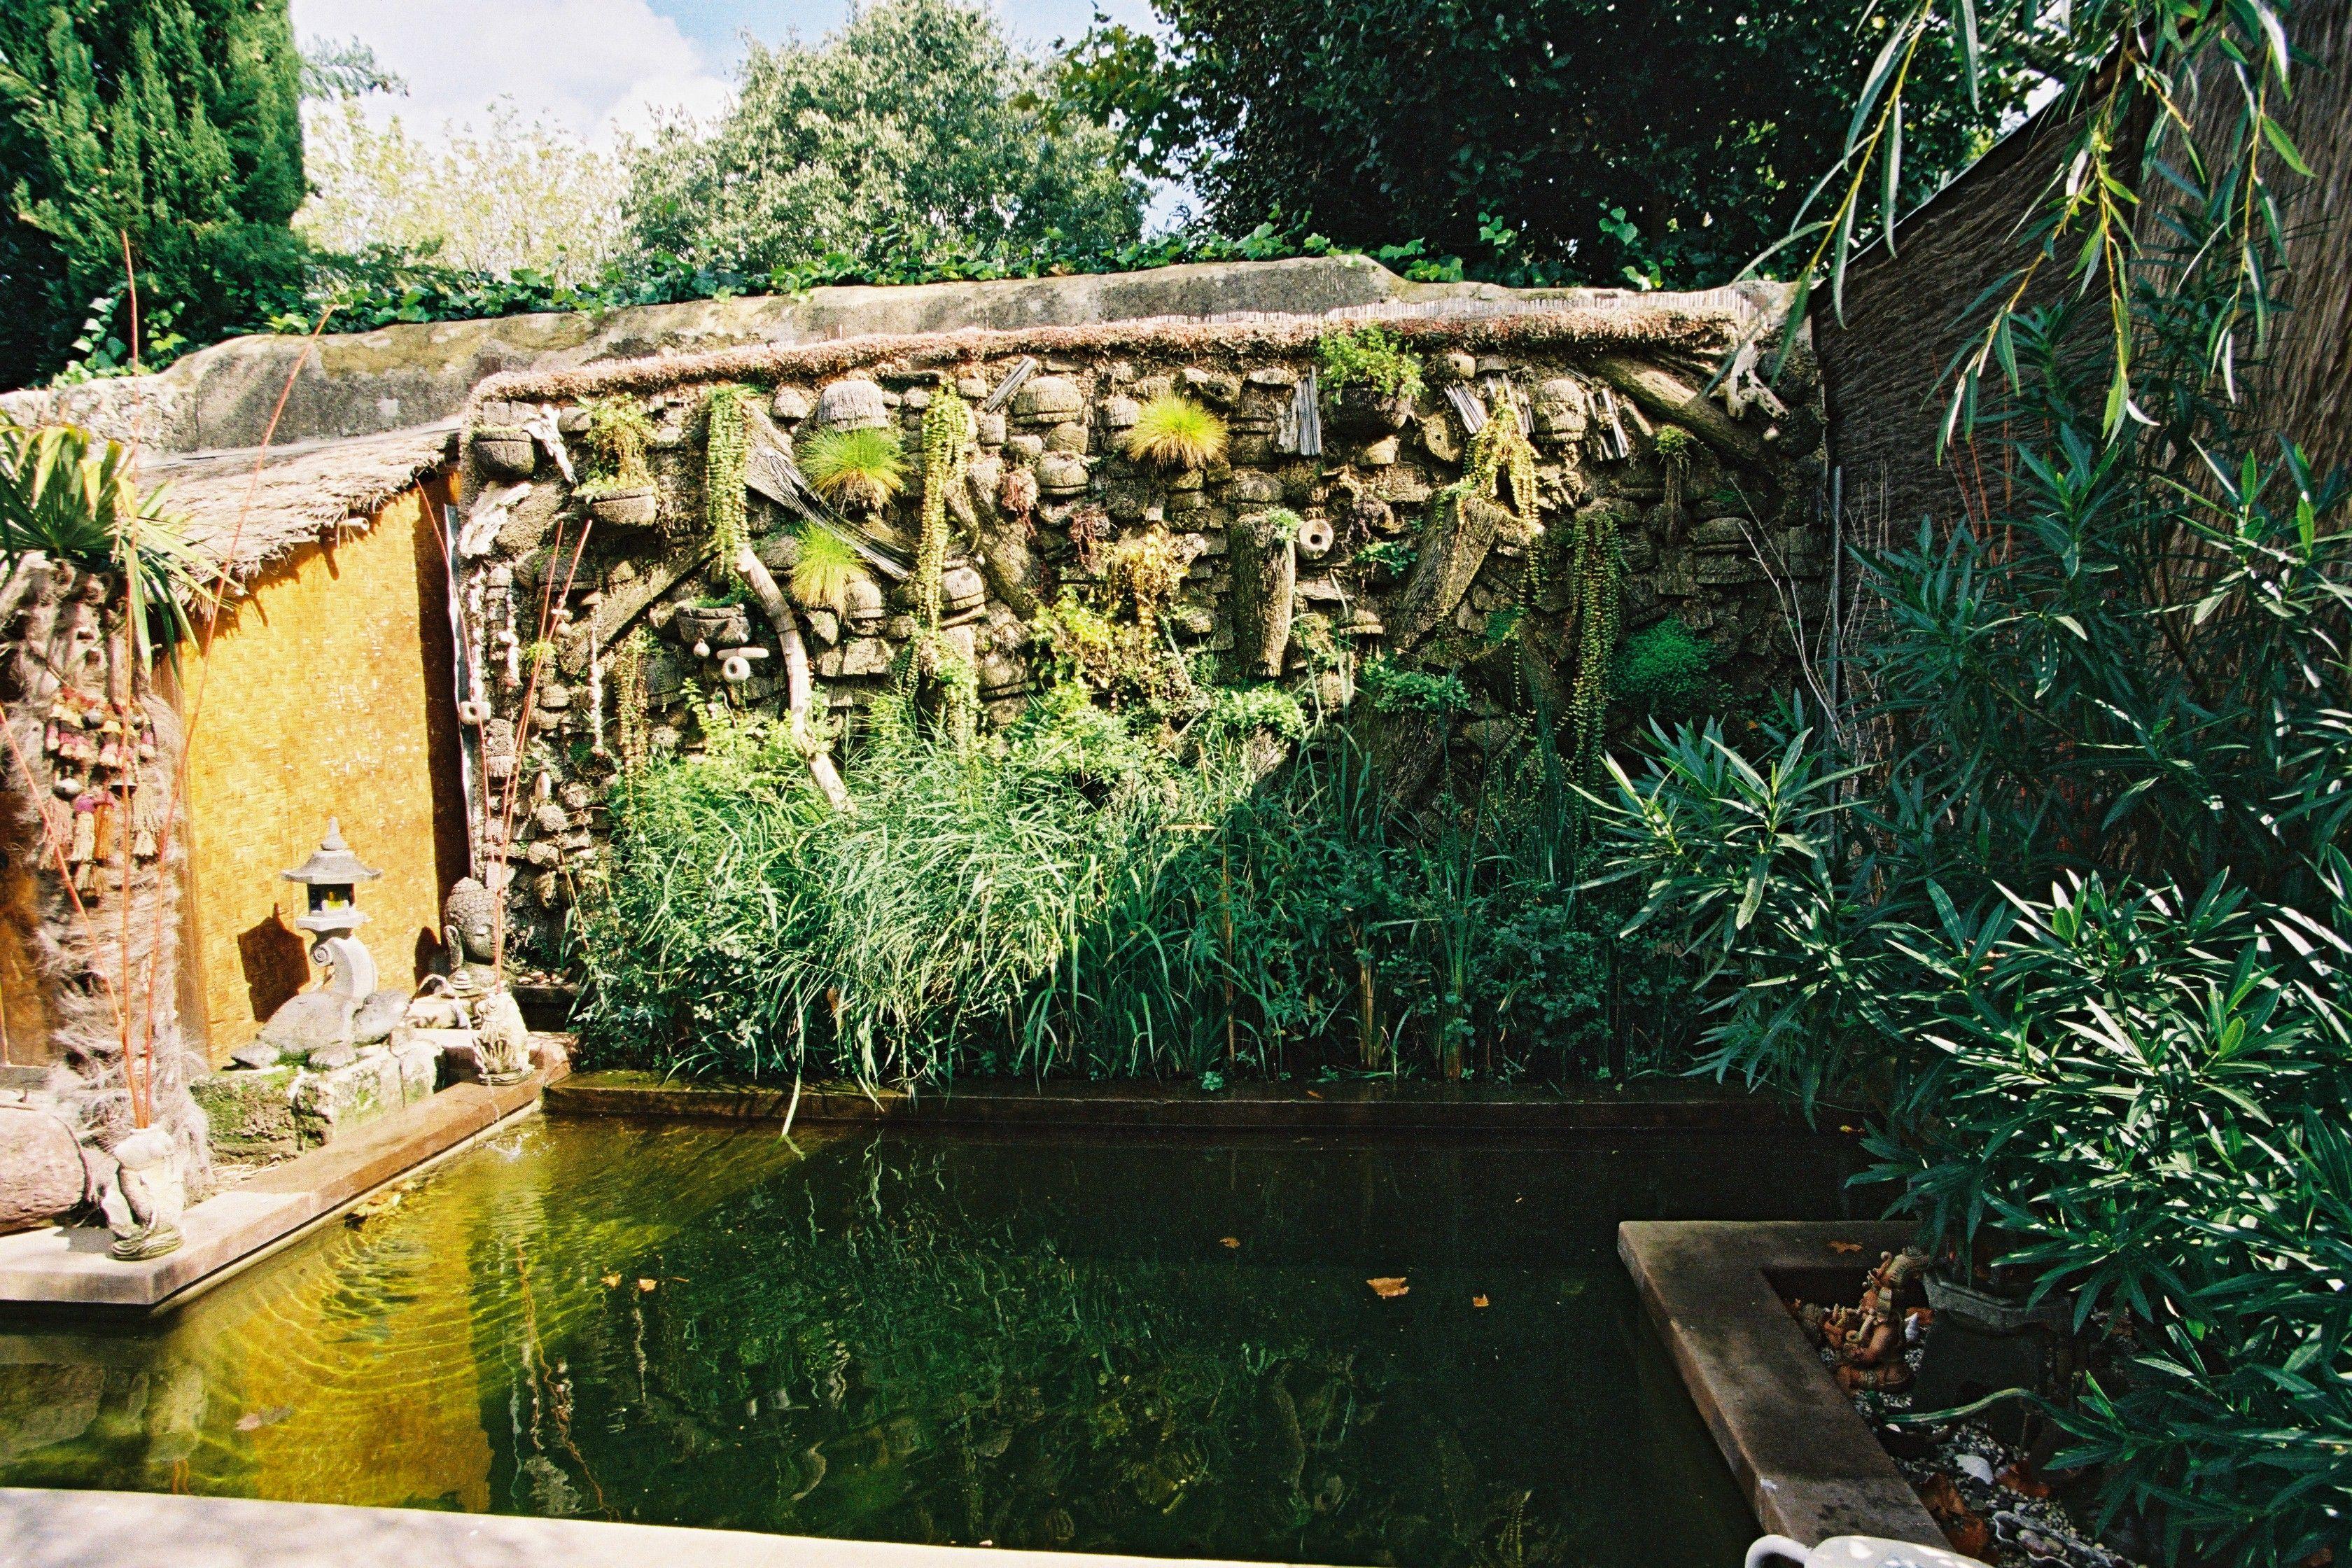 Piscine Naturelle Dans Le Jardin Des Chambres D Hotes Pas Cher A